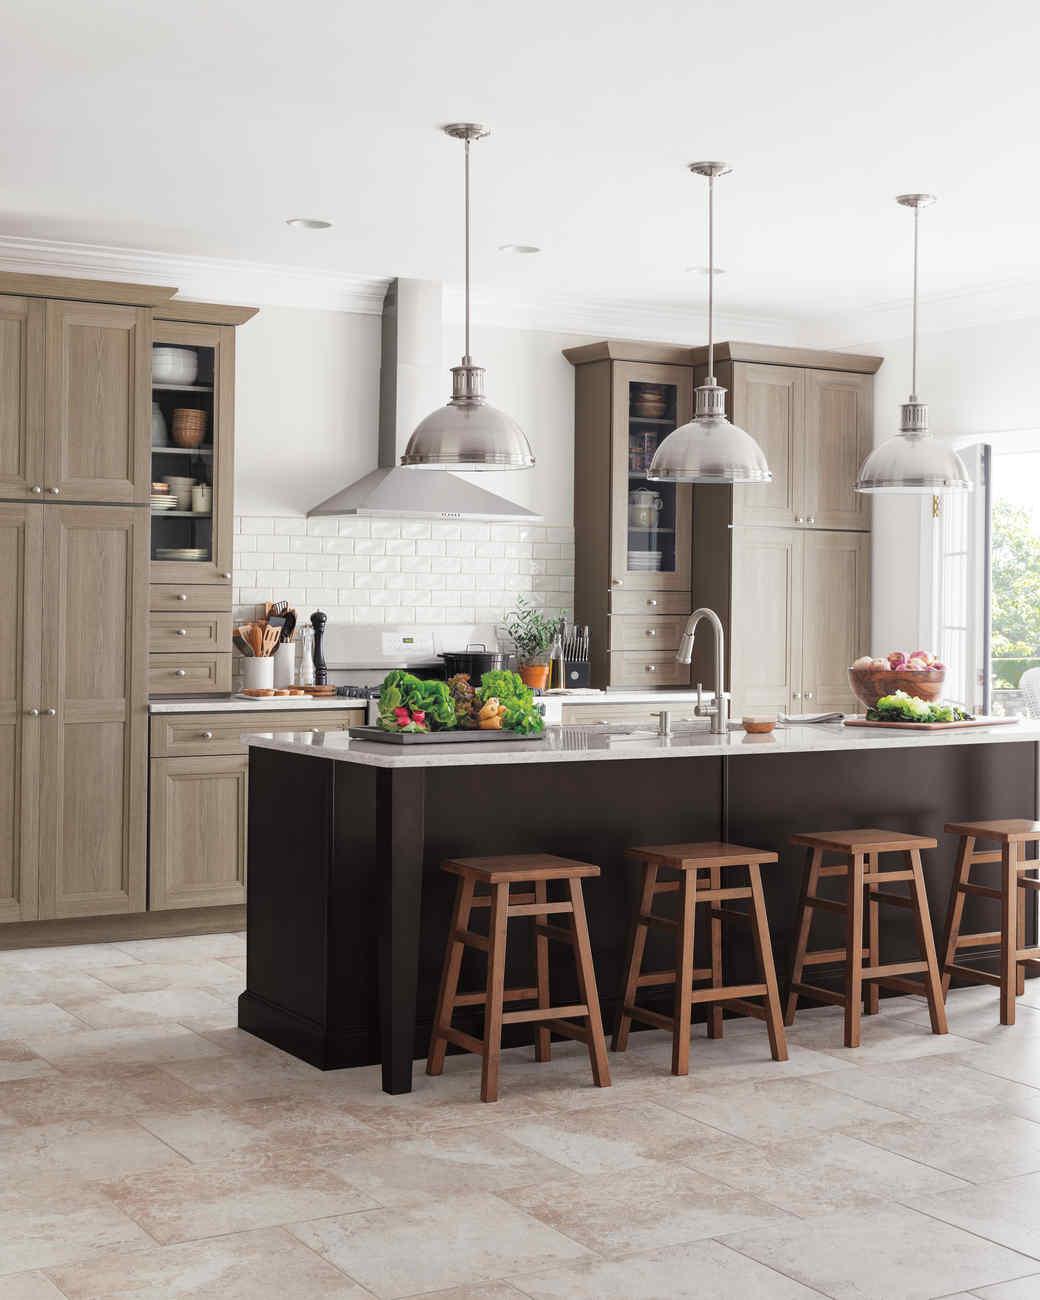 Martha Stewart Kitchen Model Maidstone : martha stewart kitchen island martha stewart living kitchen designs